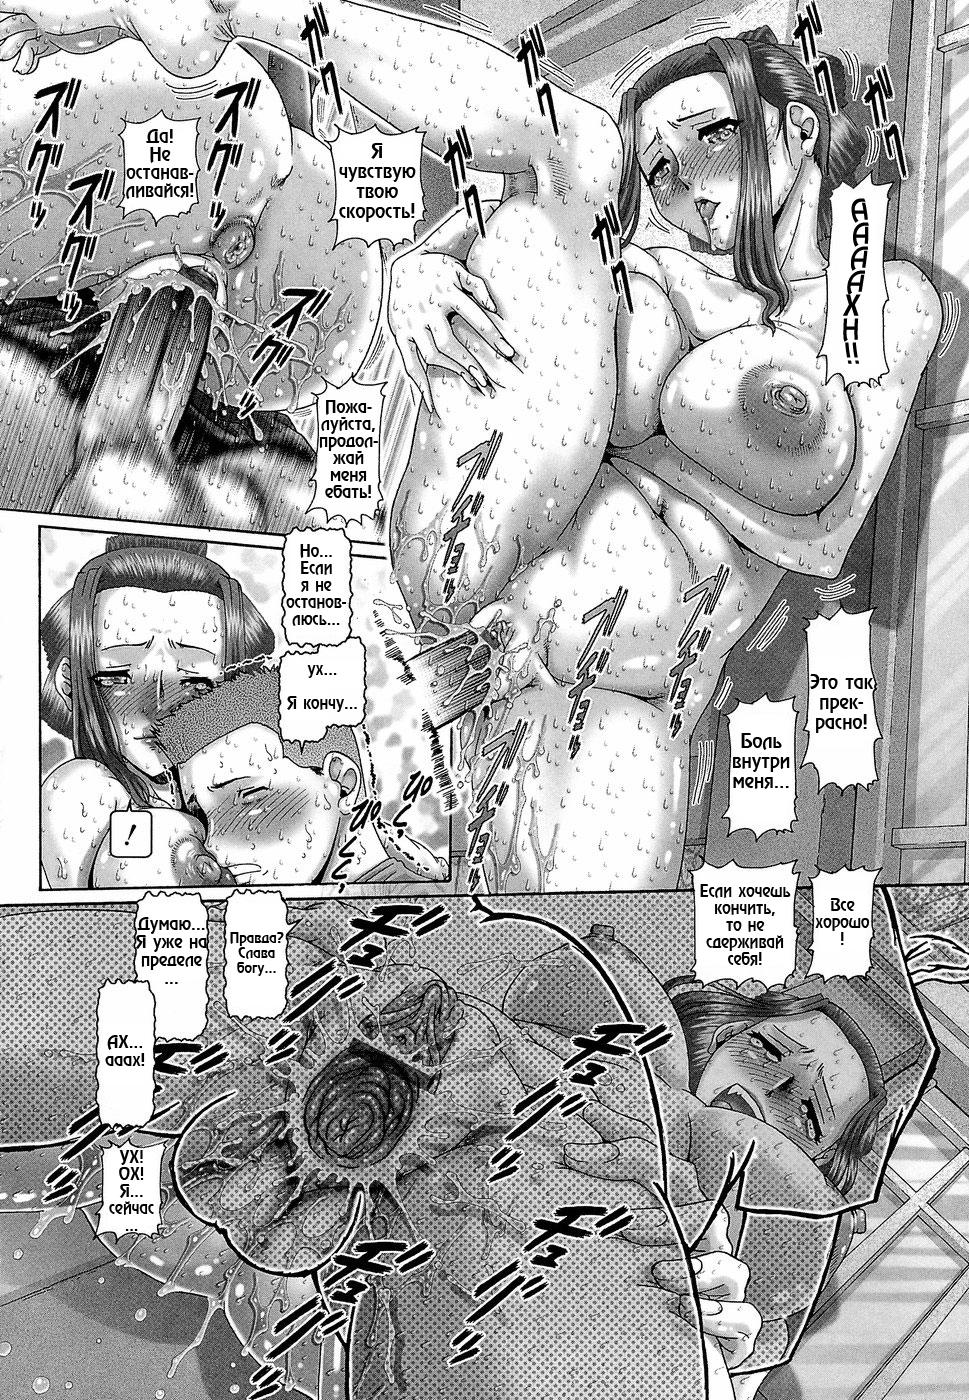 [ZeL]_Blood_Lunch_046